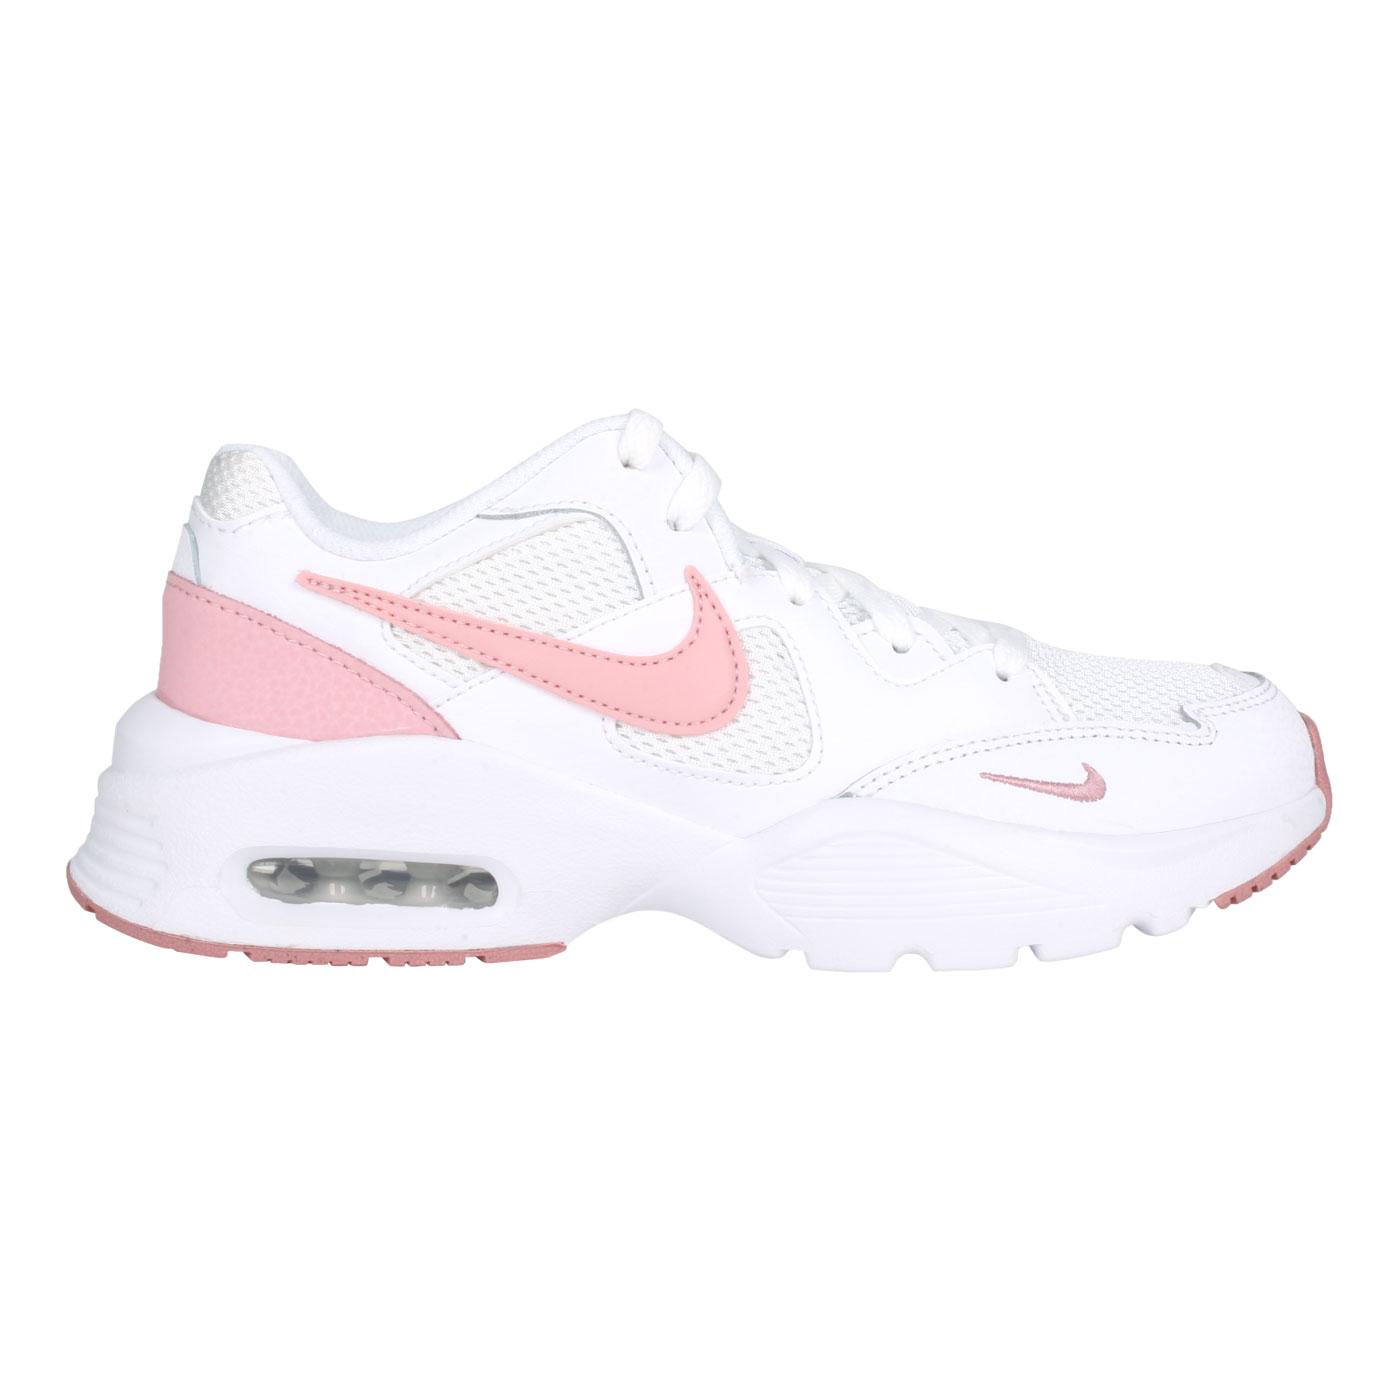 NIKE 女款復古運動鞋  @WMNS AIR MAX FUSION@CJ1671107 - 白粉紅